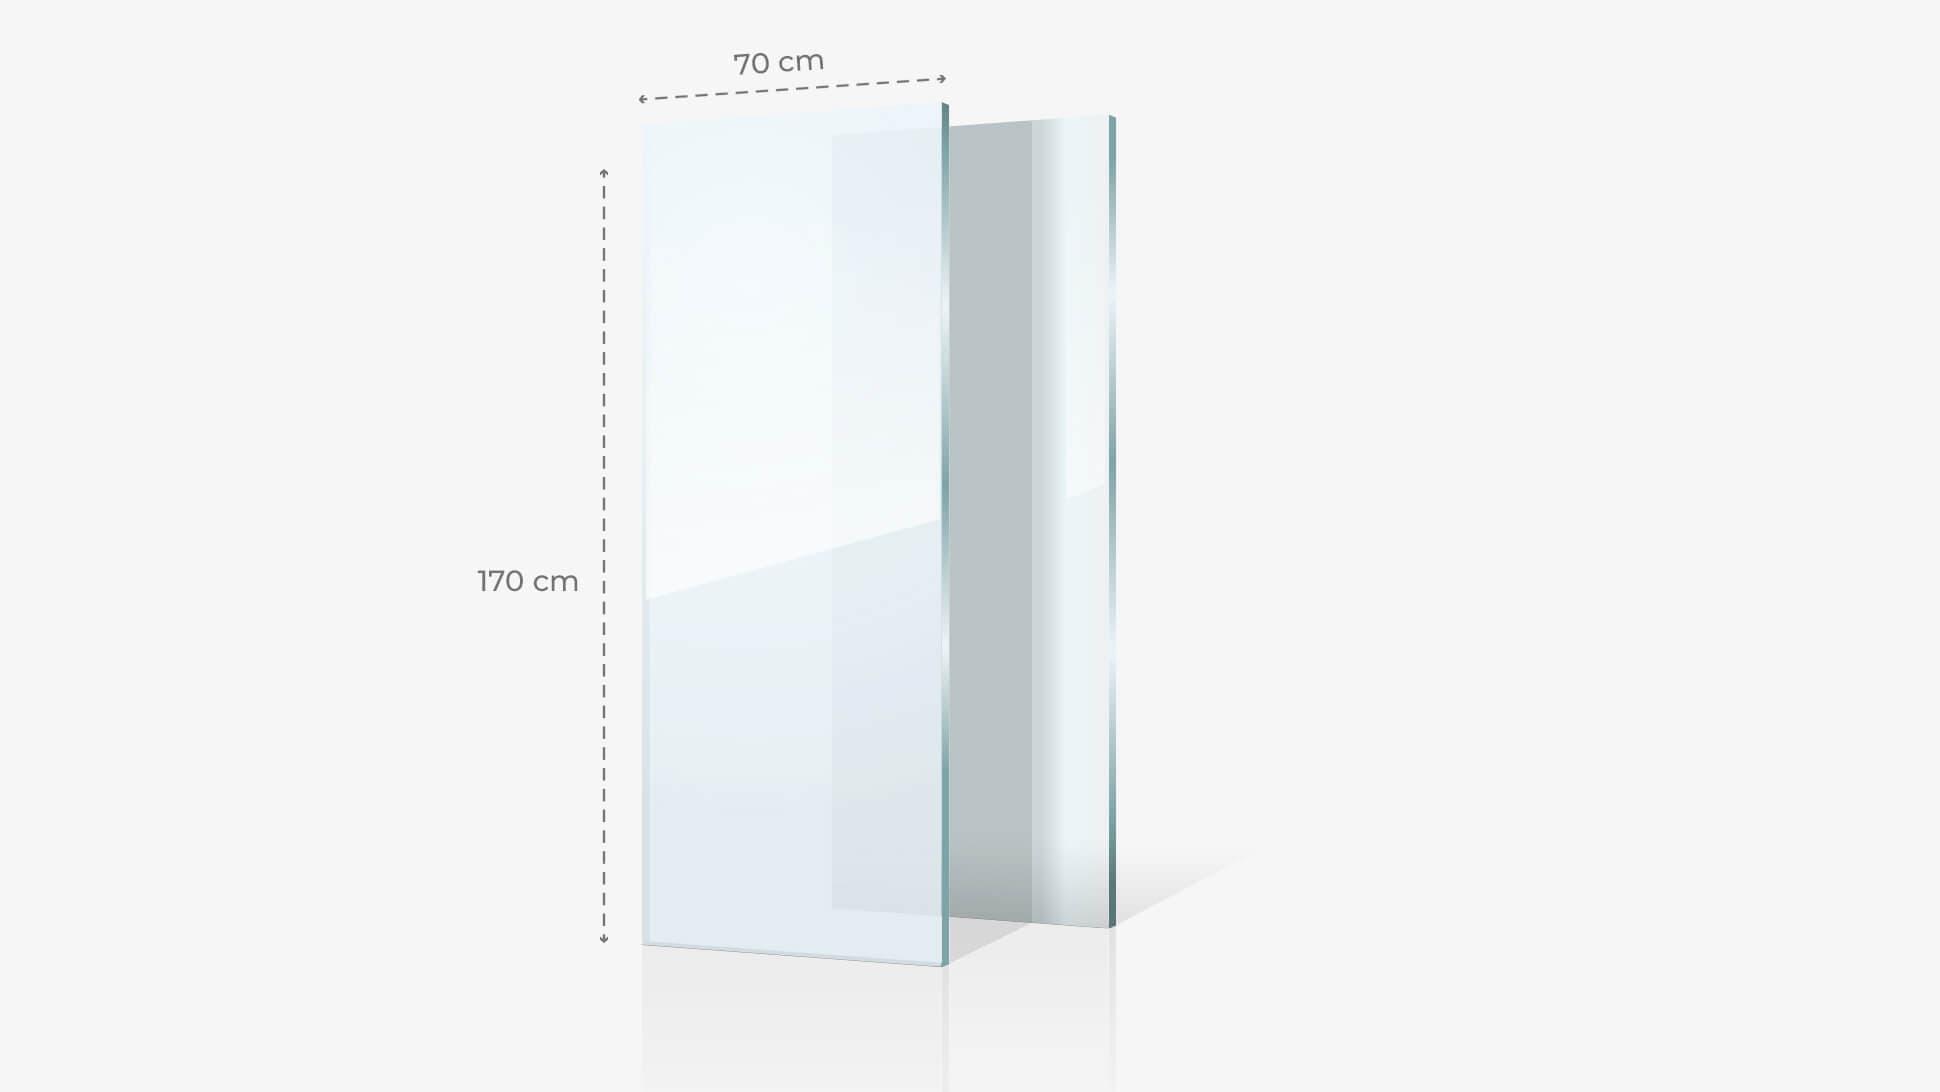 Foto su vetro acrilico 70x170 cm | tictac.it